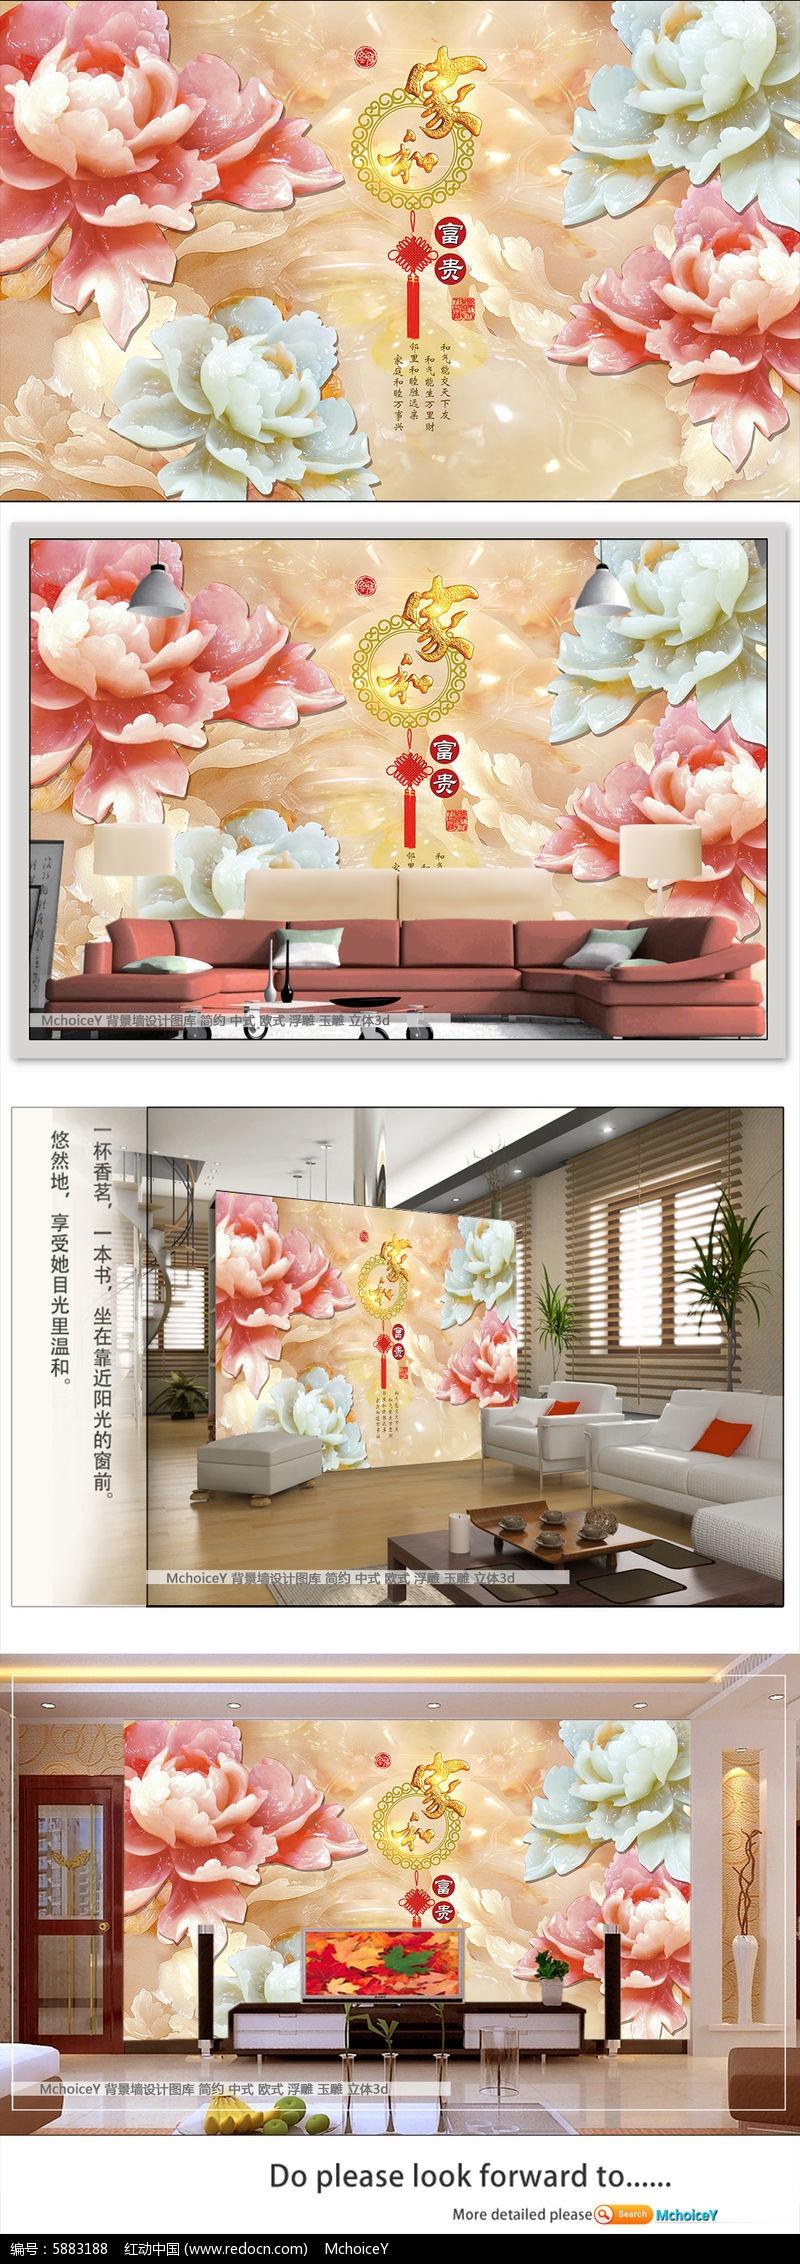 家和富贵牡丹盛开彩雕电视背景墙图片